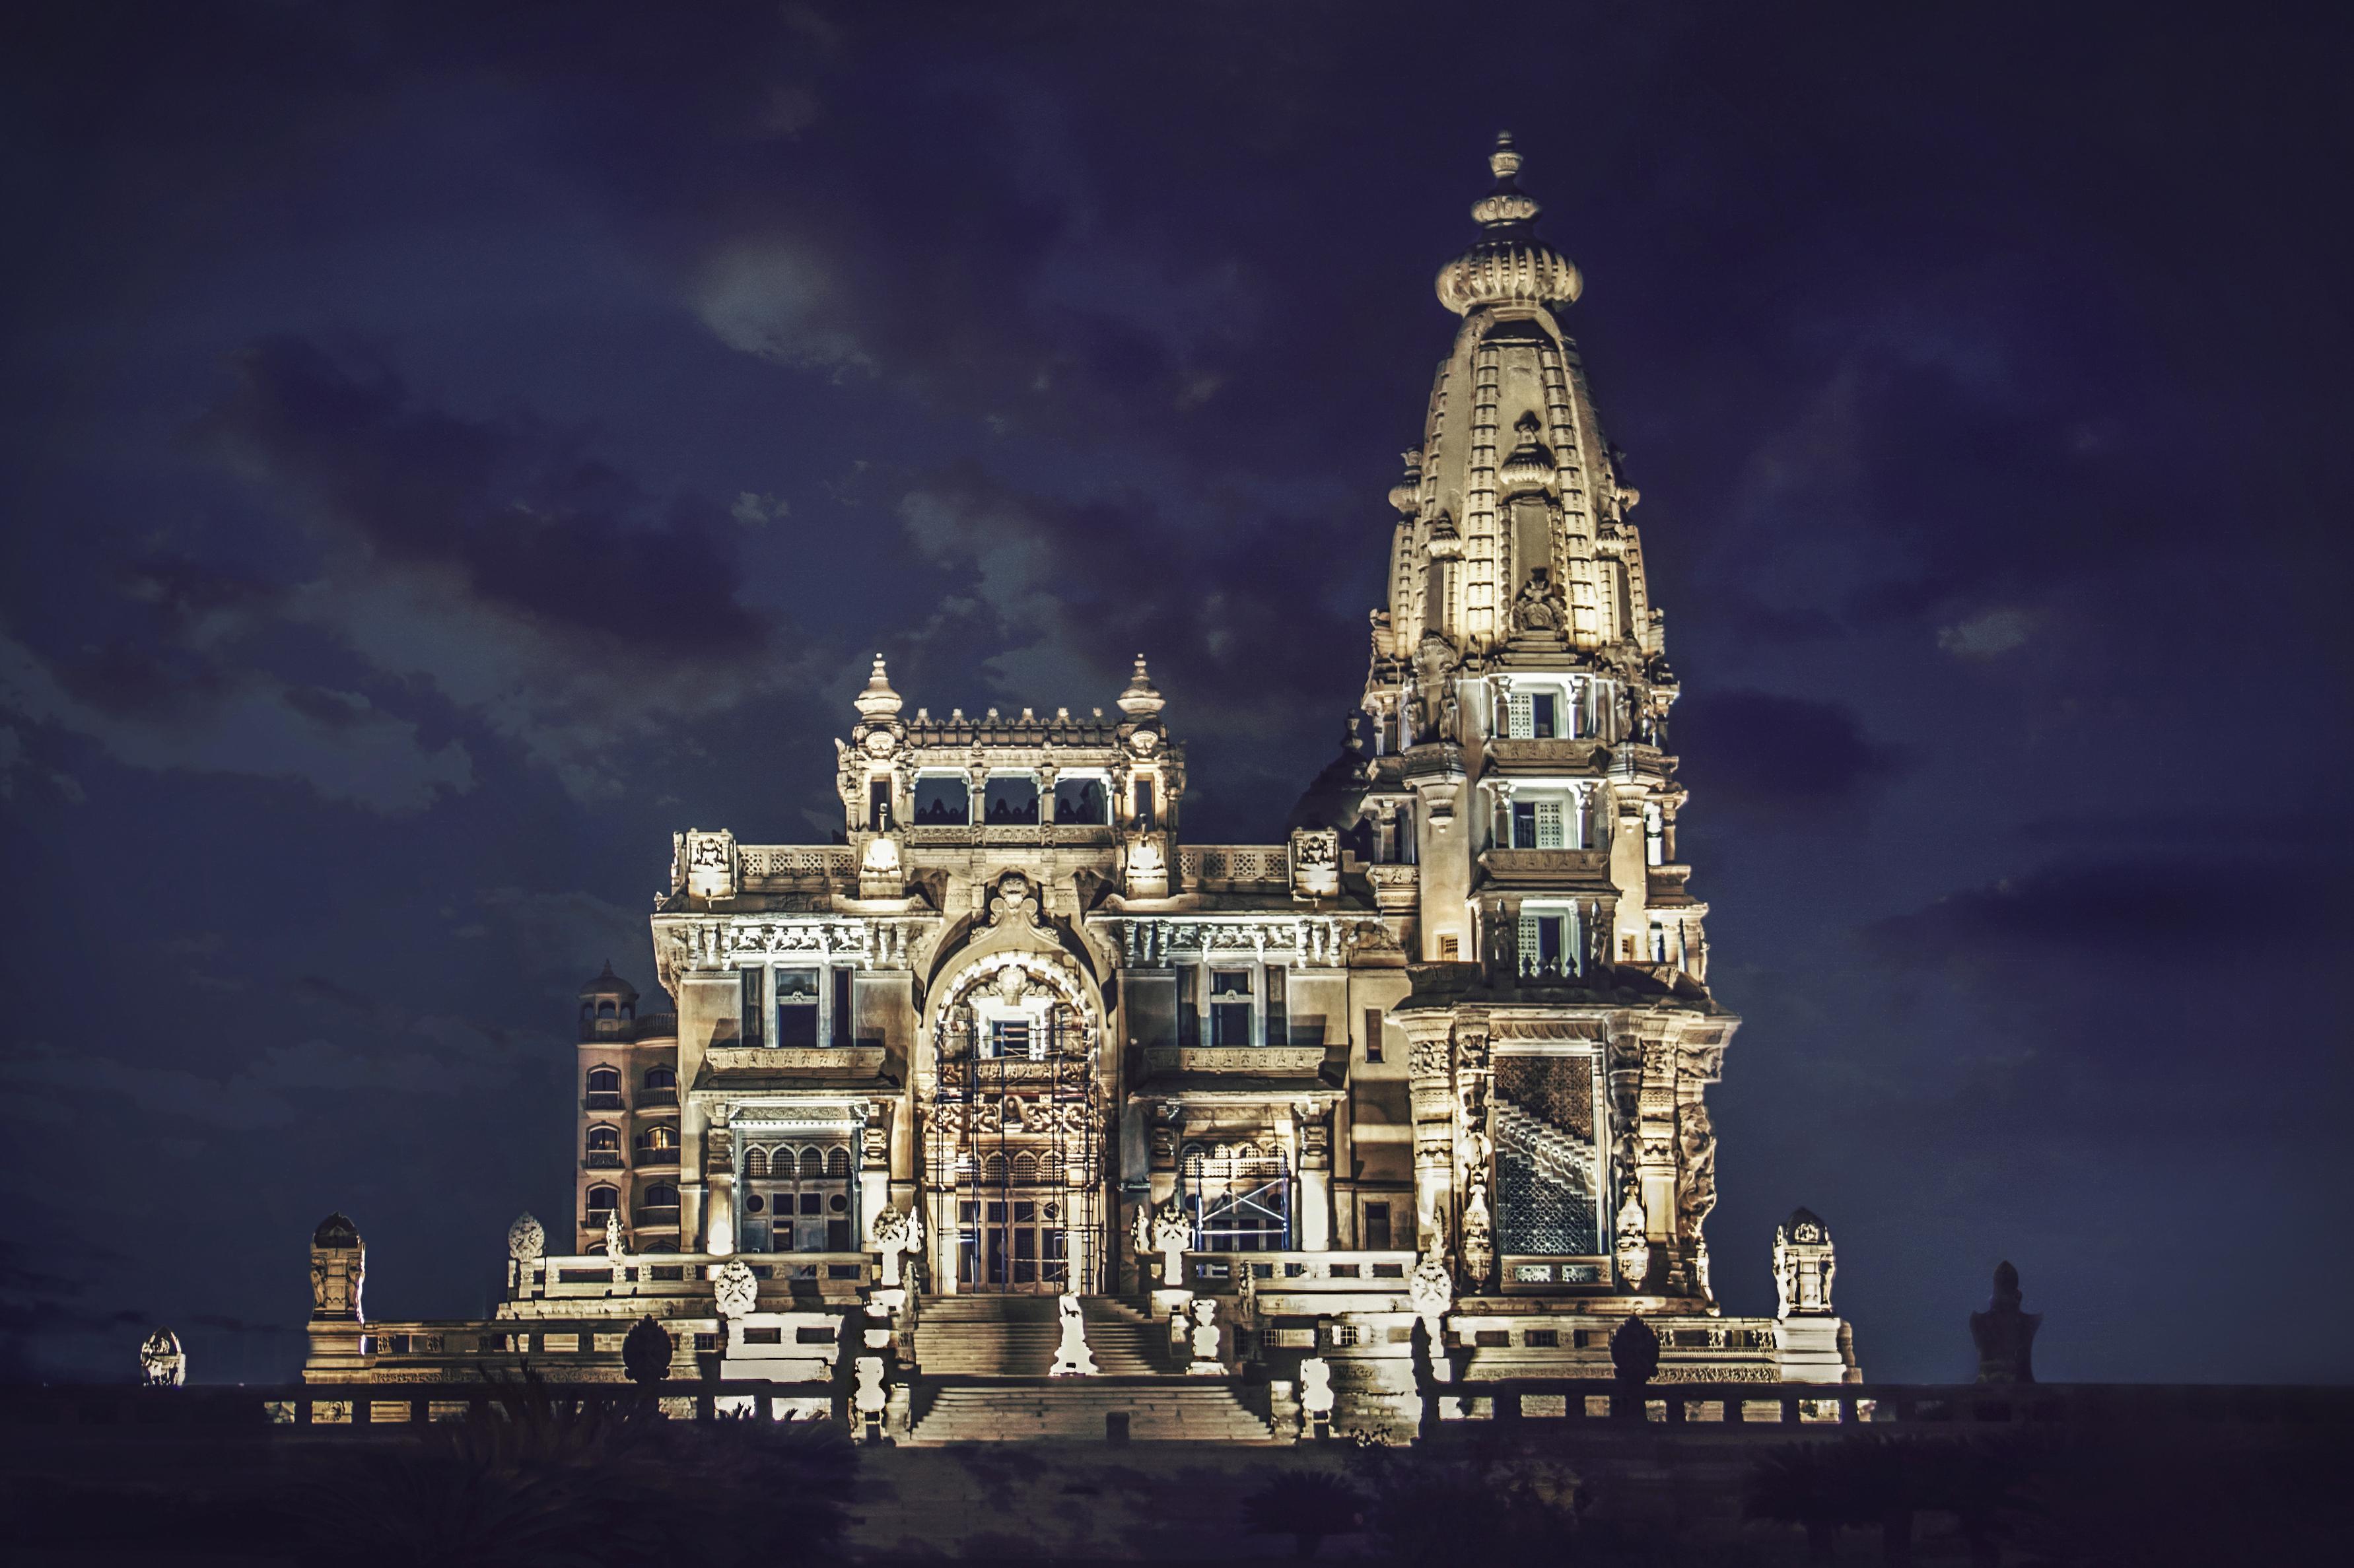 قصر البارون .. أسطورة الرعب في مصر الجديدة